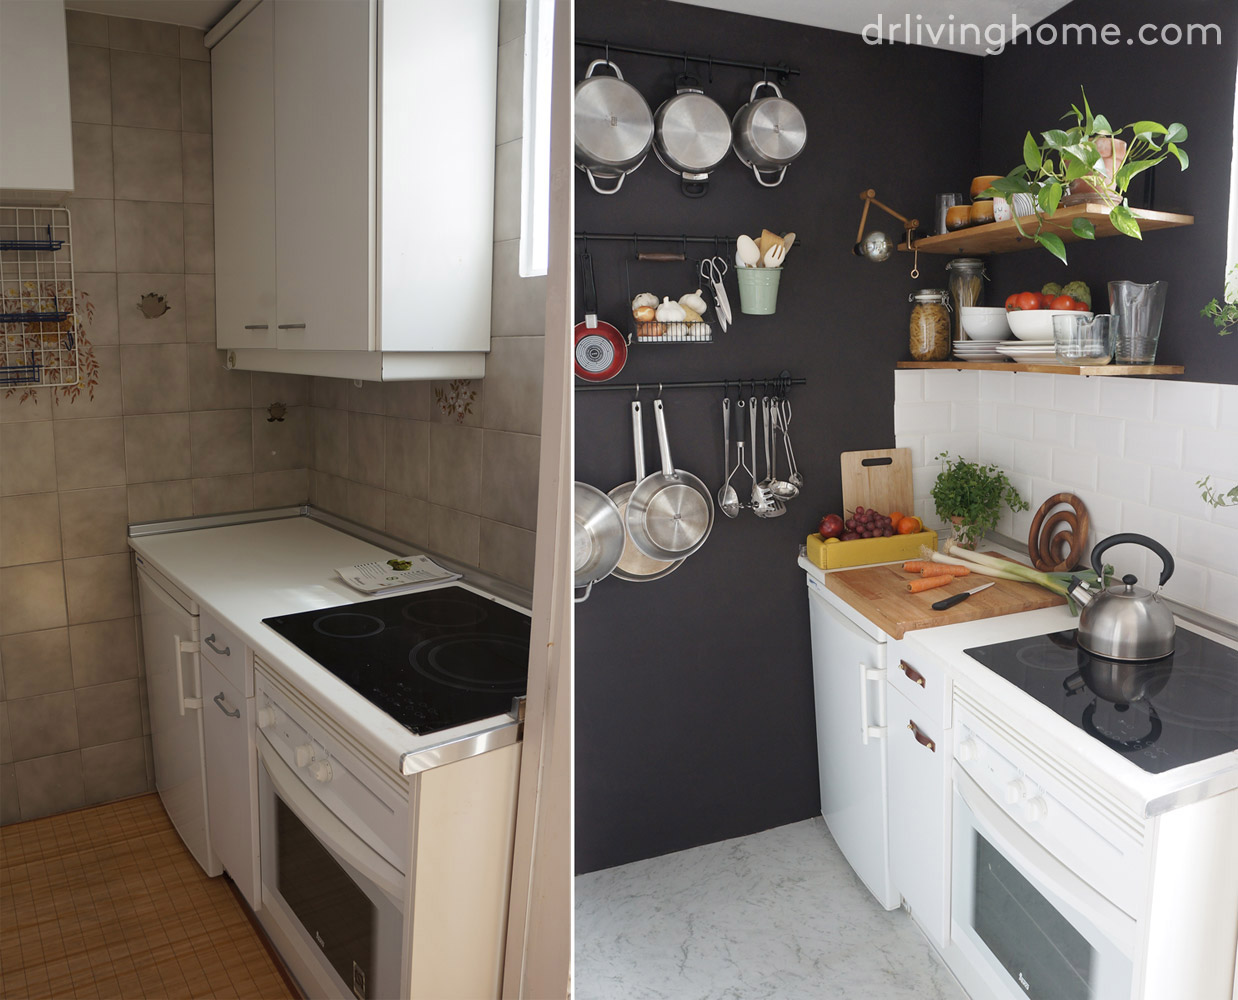 C mo ordenar una cocina peque a para aprovechar el espacio - Aprovechar espacio cocina ...